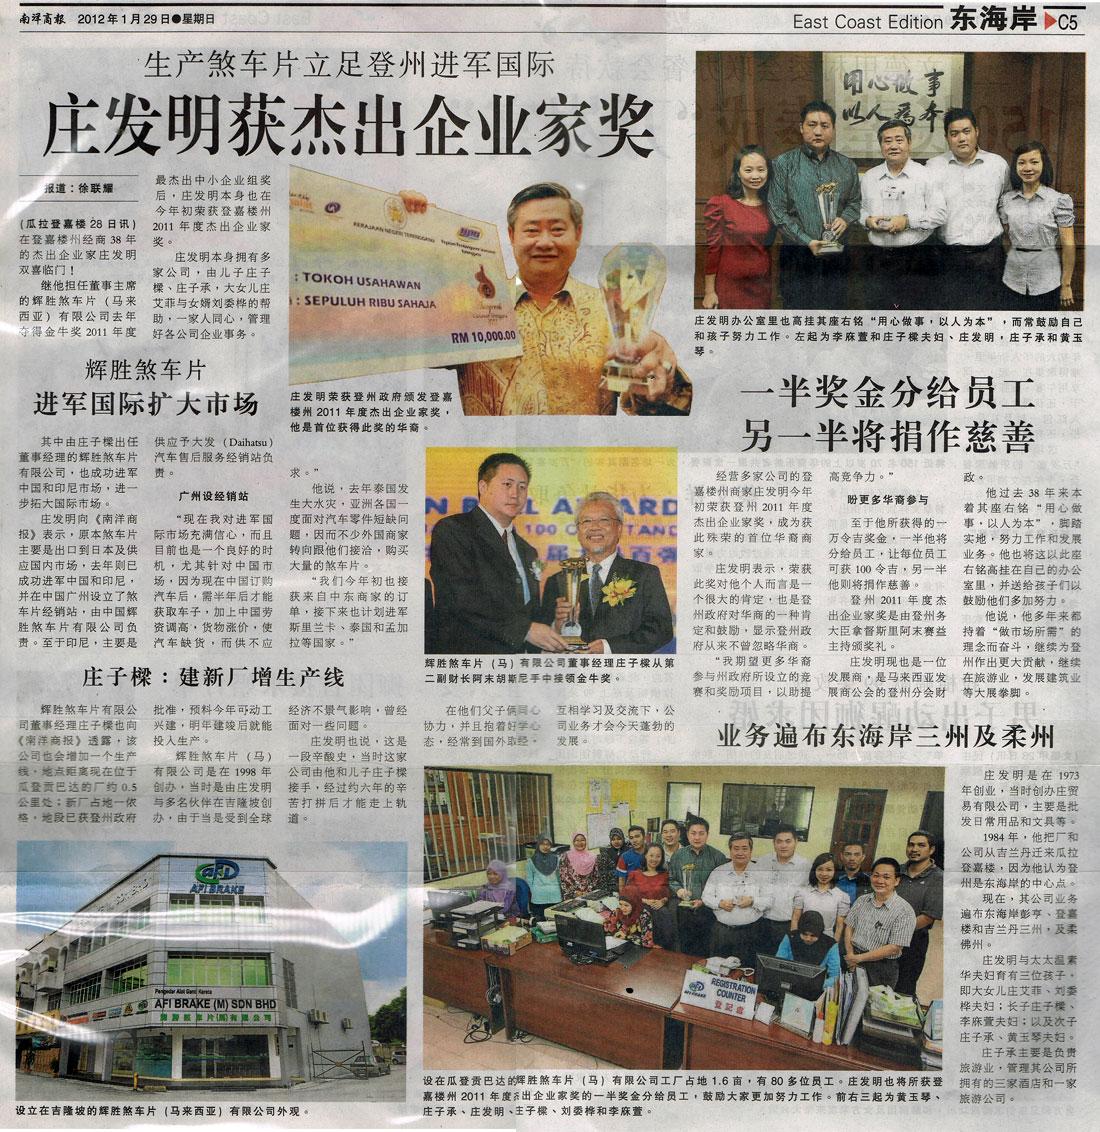 Nanyang Siang Pau